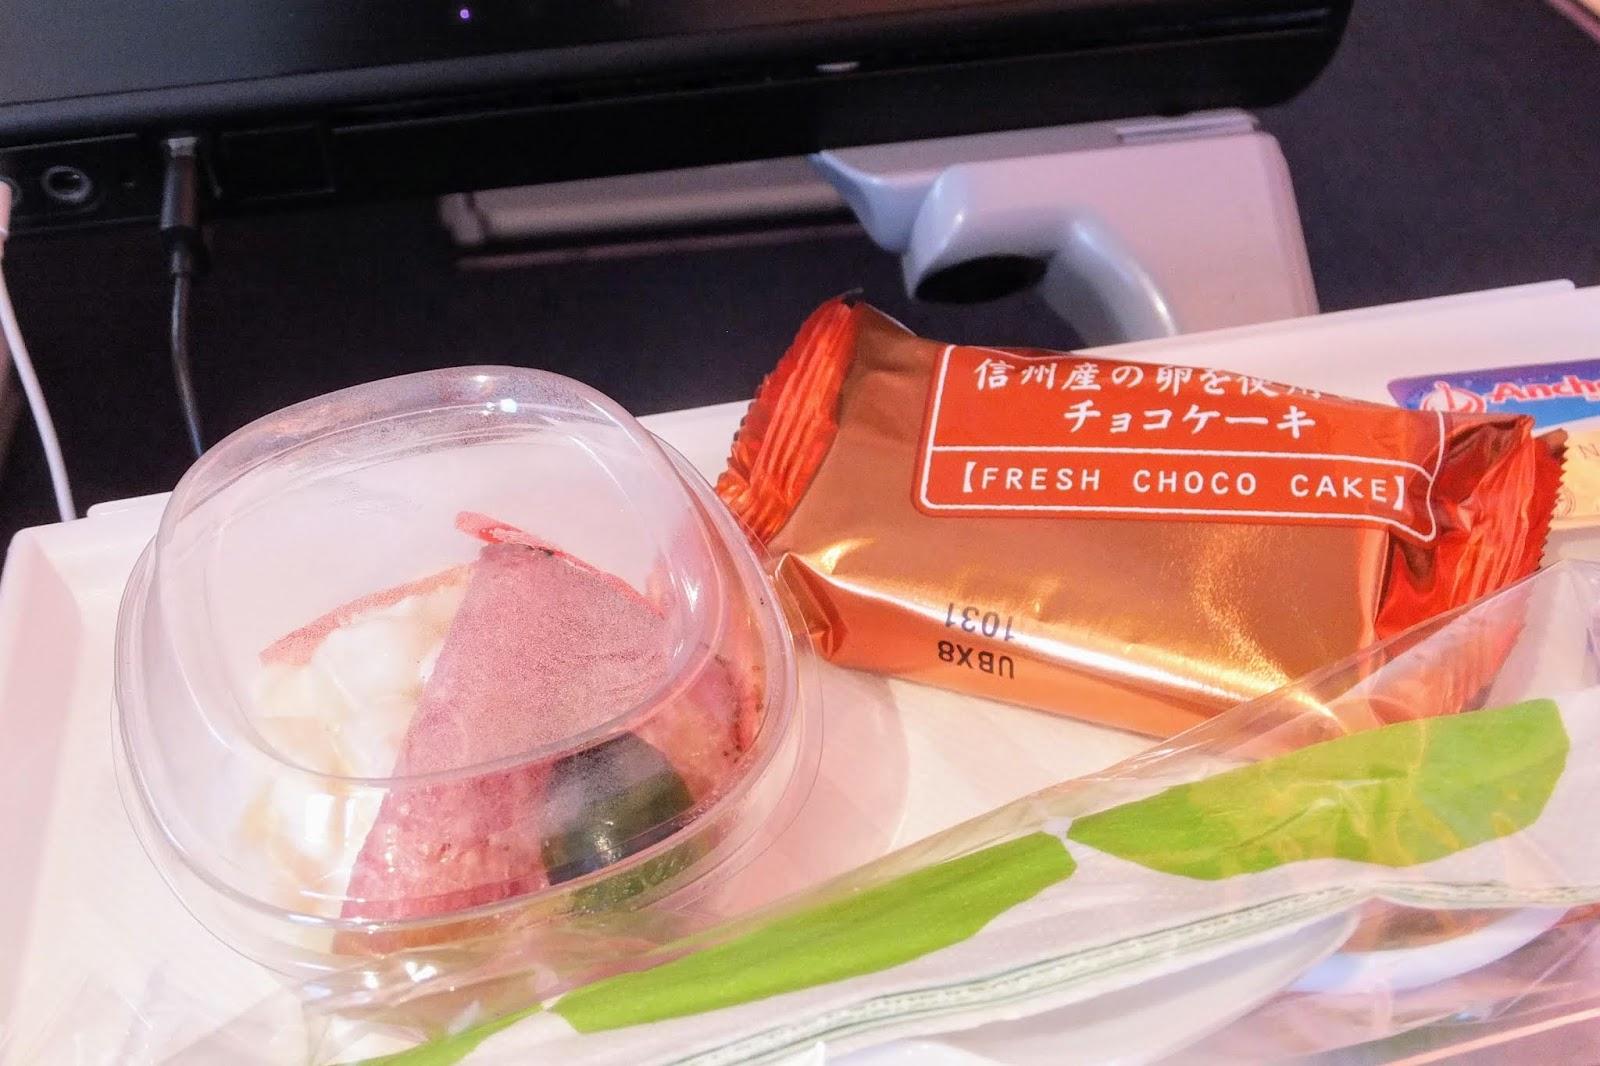 FINAIR A350-900 flight meal no.1 - cake